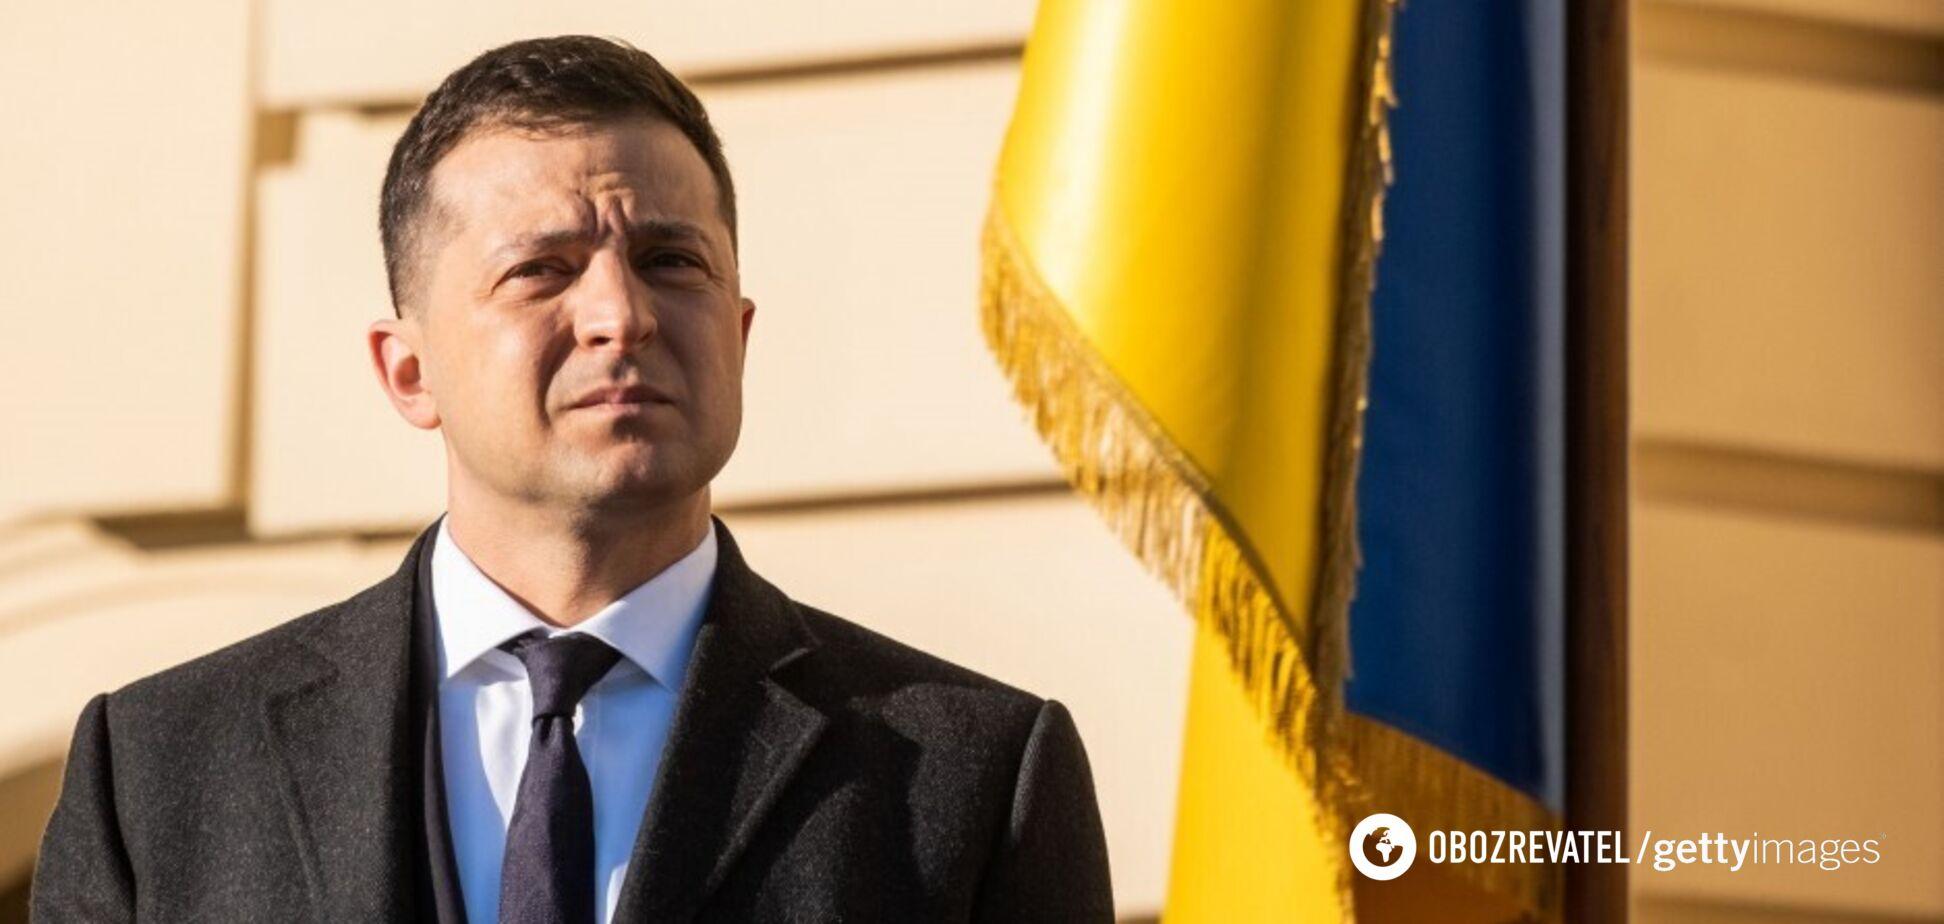 Українці назвали Зеленського головним невдахою 2020 року – опитування